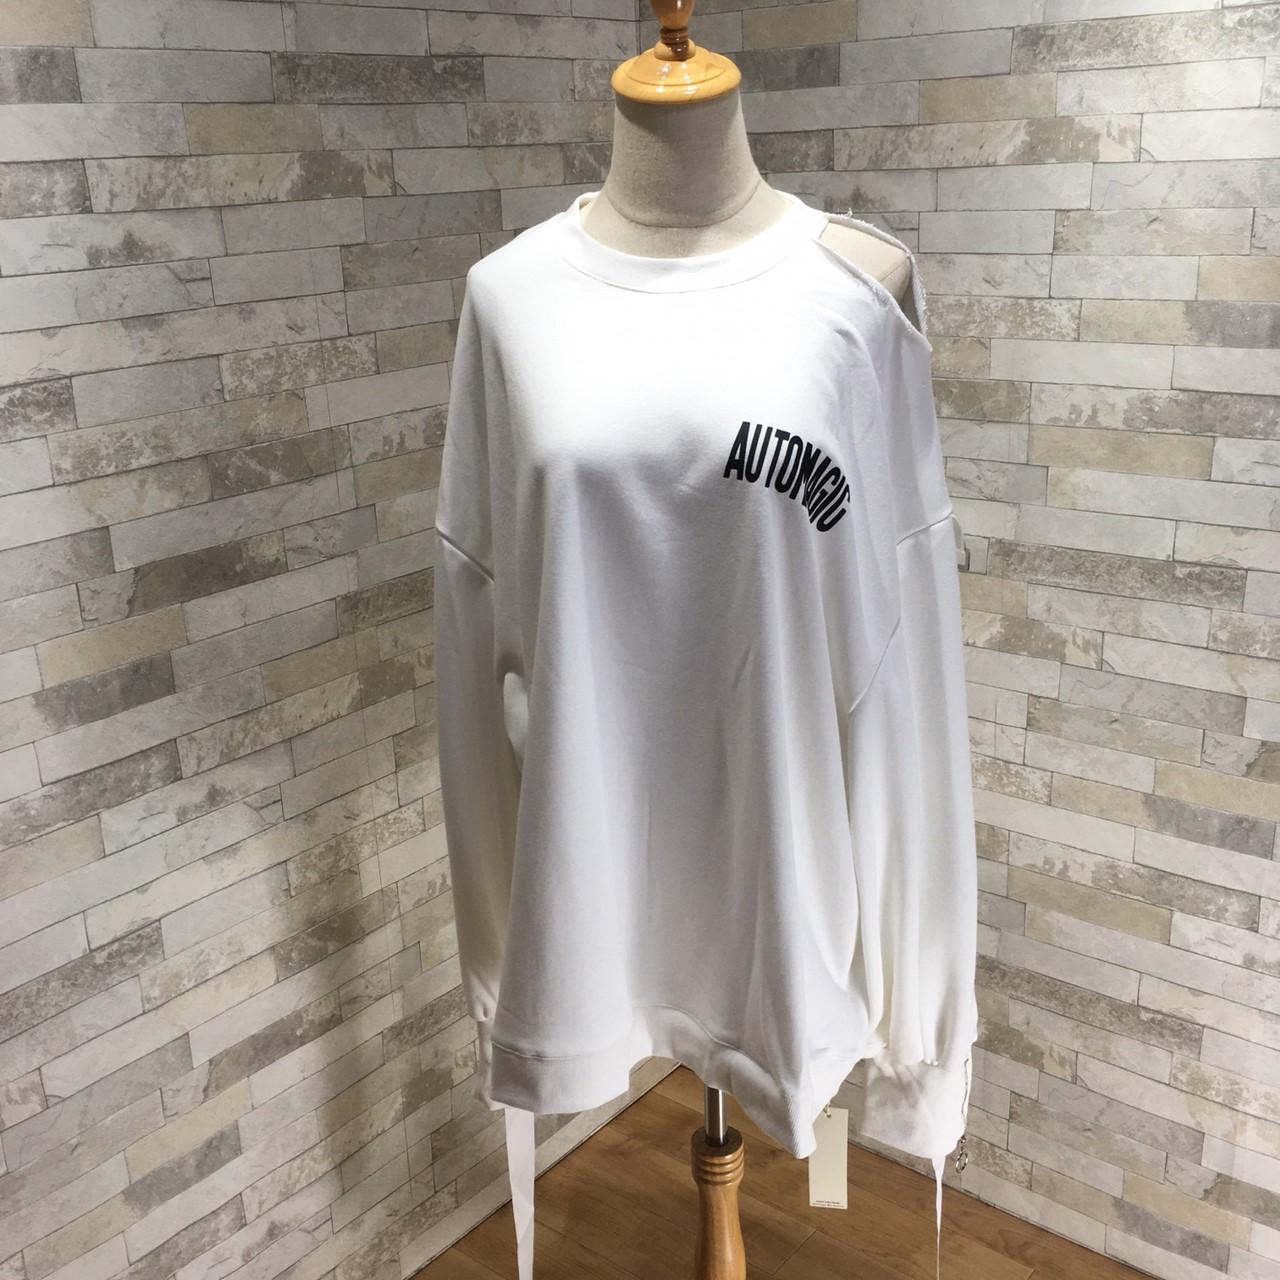 韓国 ファッション トップス スウェット トレーナー 秋 冬 カジュアル PTXG315  ビッグシルエット ダメージ ストリート オルチャン シンプル 定番 セレカジの写真15枚目